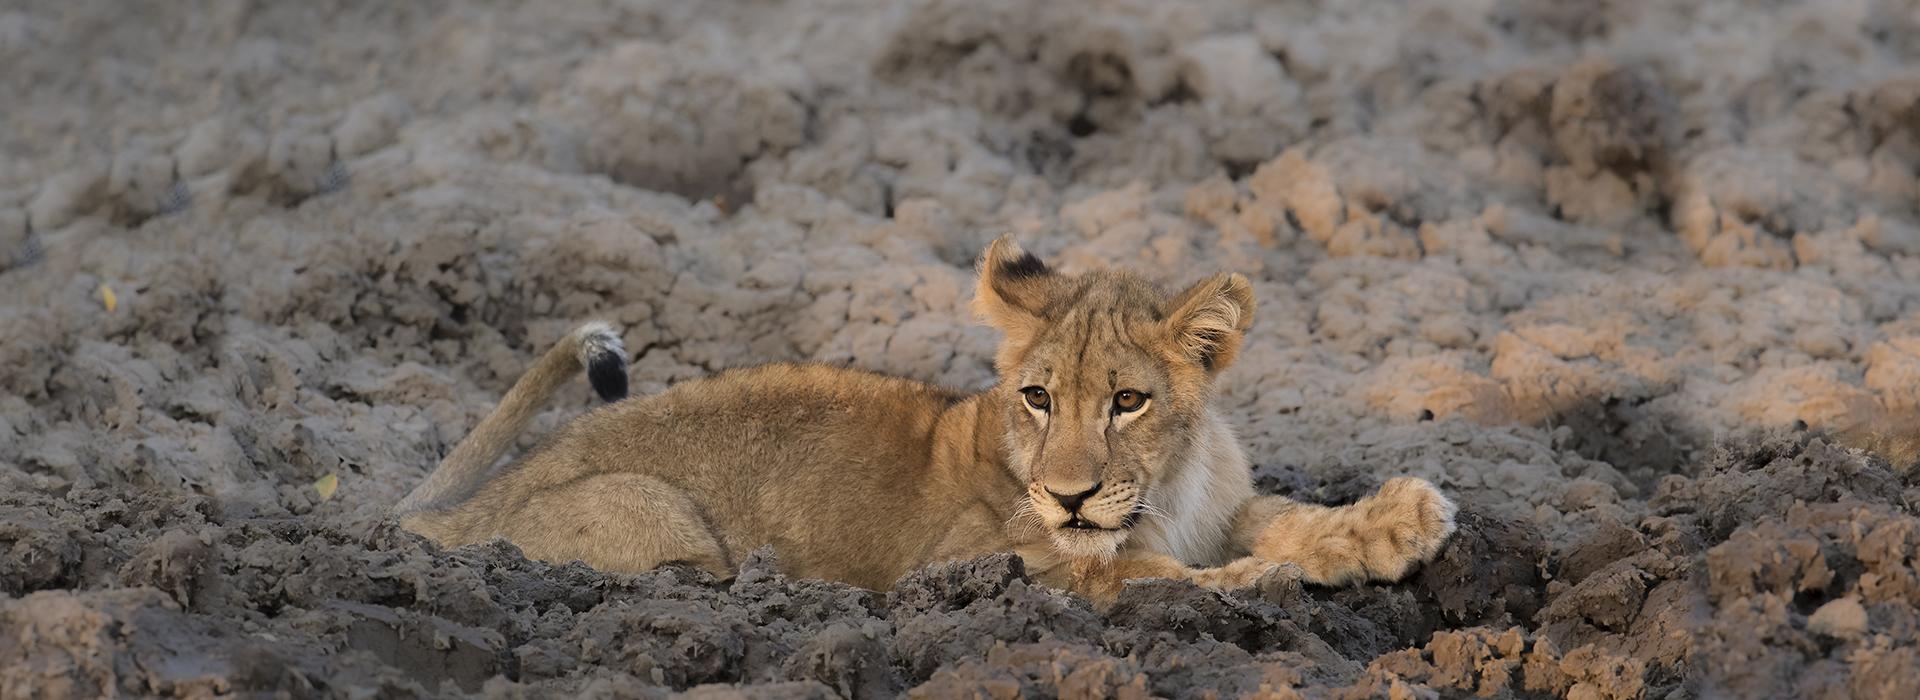 Lion cub Zambia EN